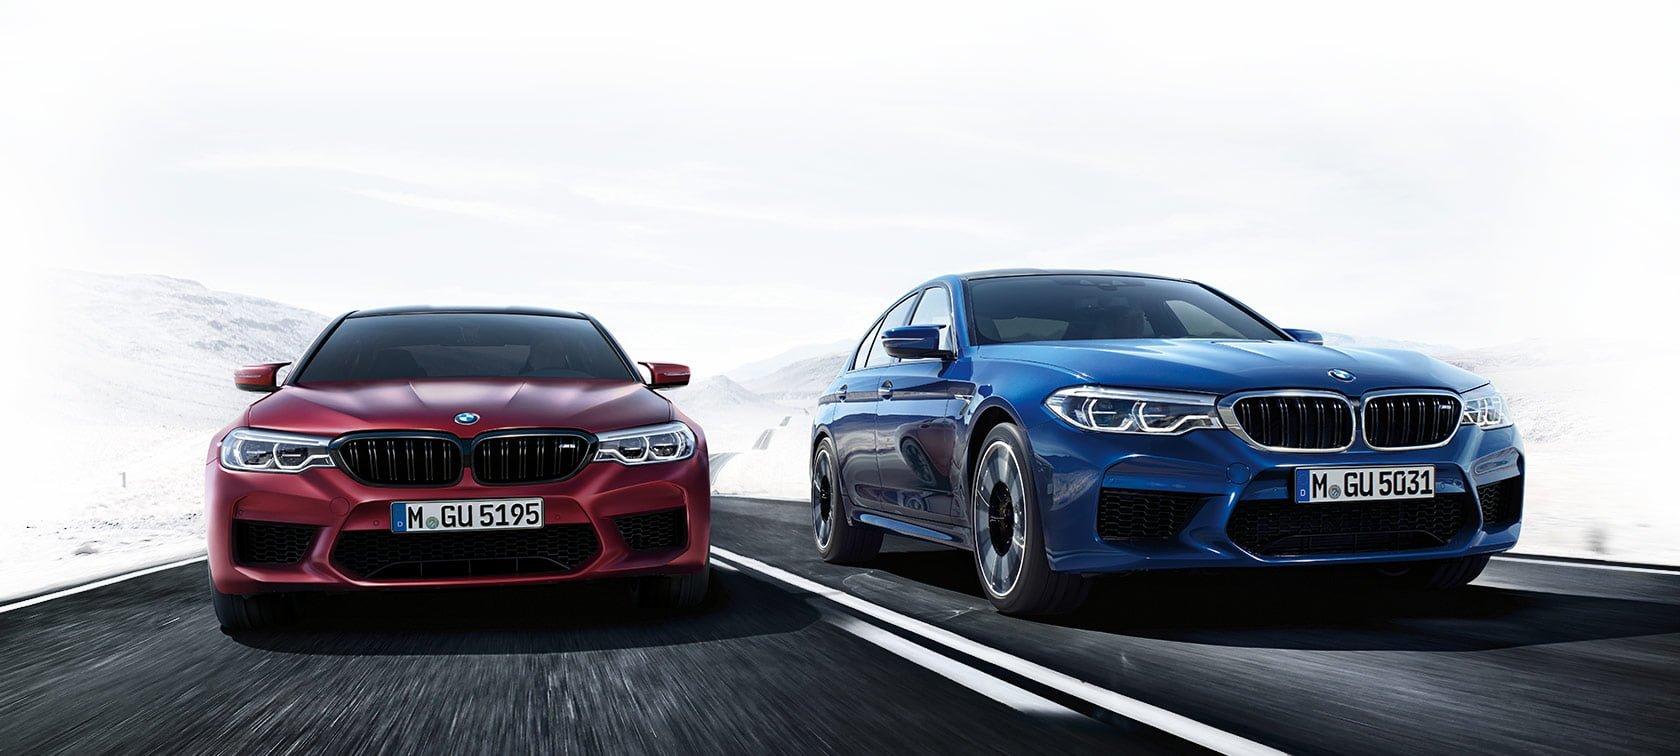 Posiadacze BMW nie będą już musieli szukać kluczyka. Wystarczy im smartfon 20